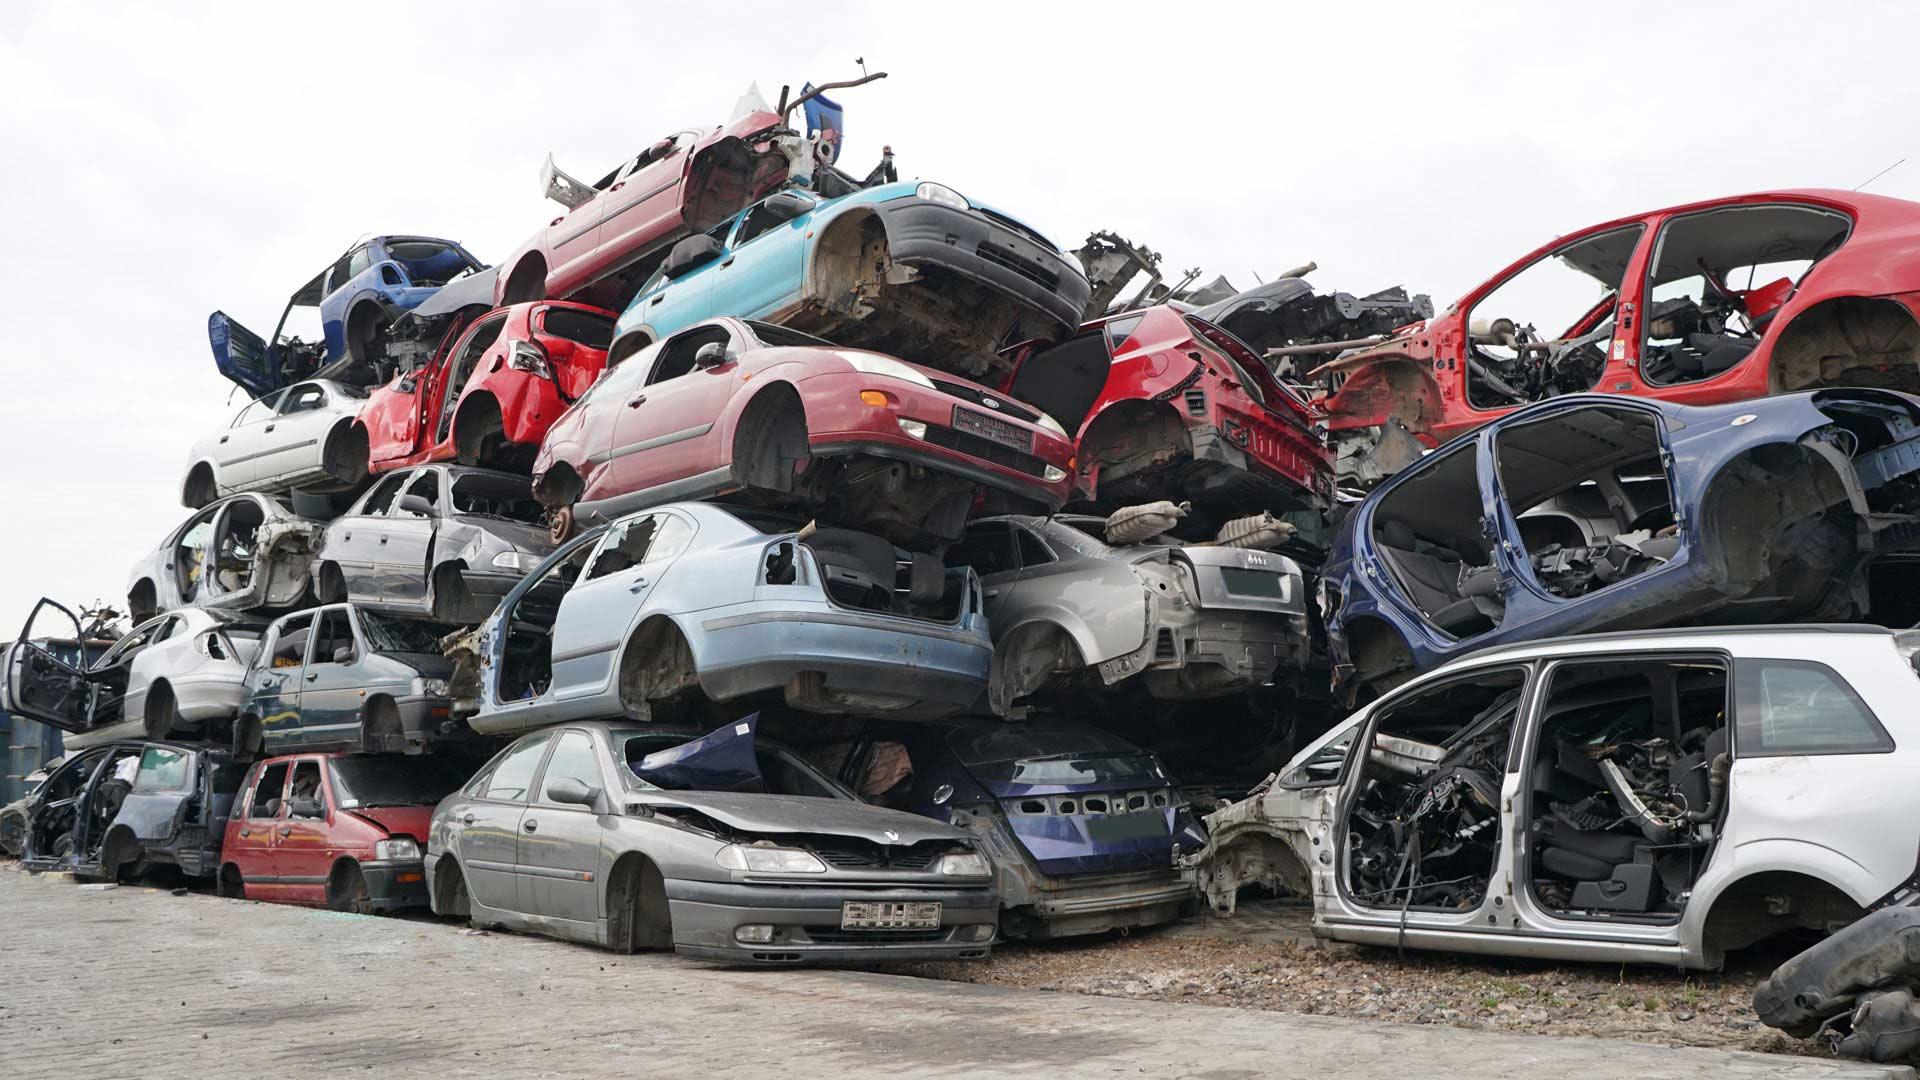 Autozłomowanie, skup pojazdów, kasacja